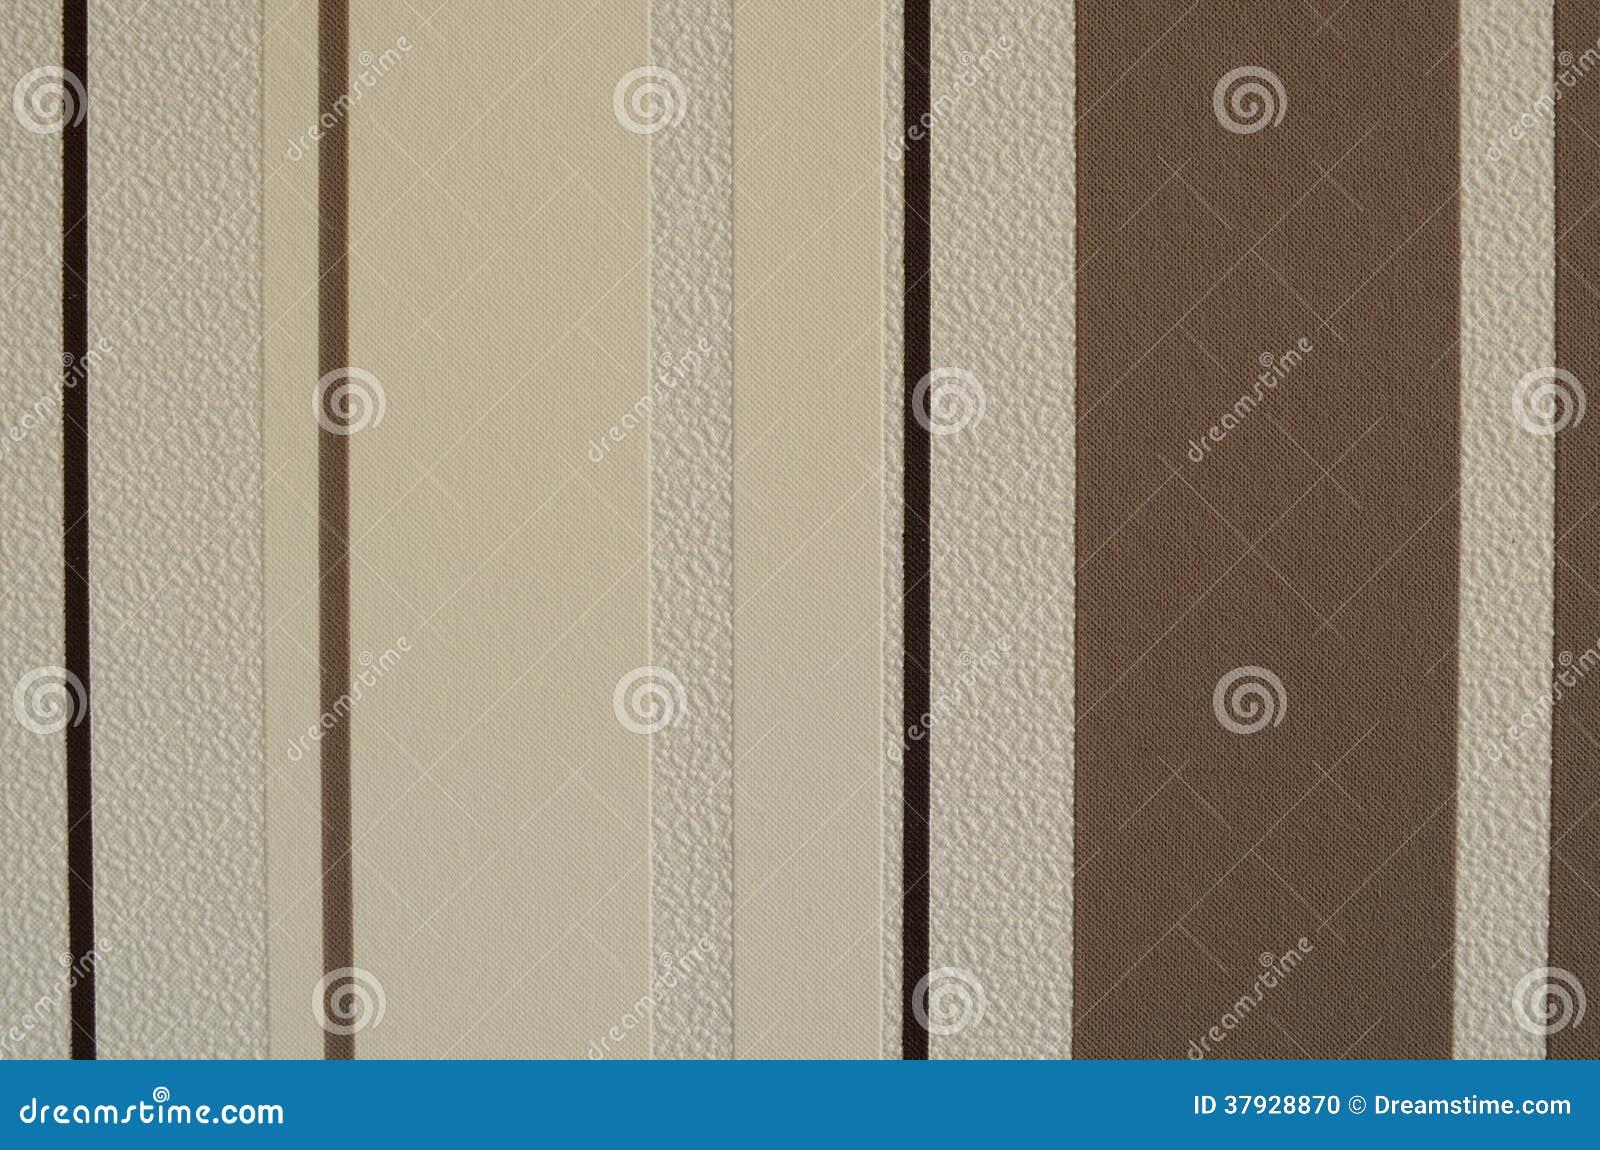 parete a strisce : Carta Di Parete A Strisce Fotografia Stock - Immagine: 37928870